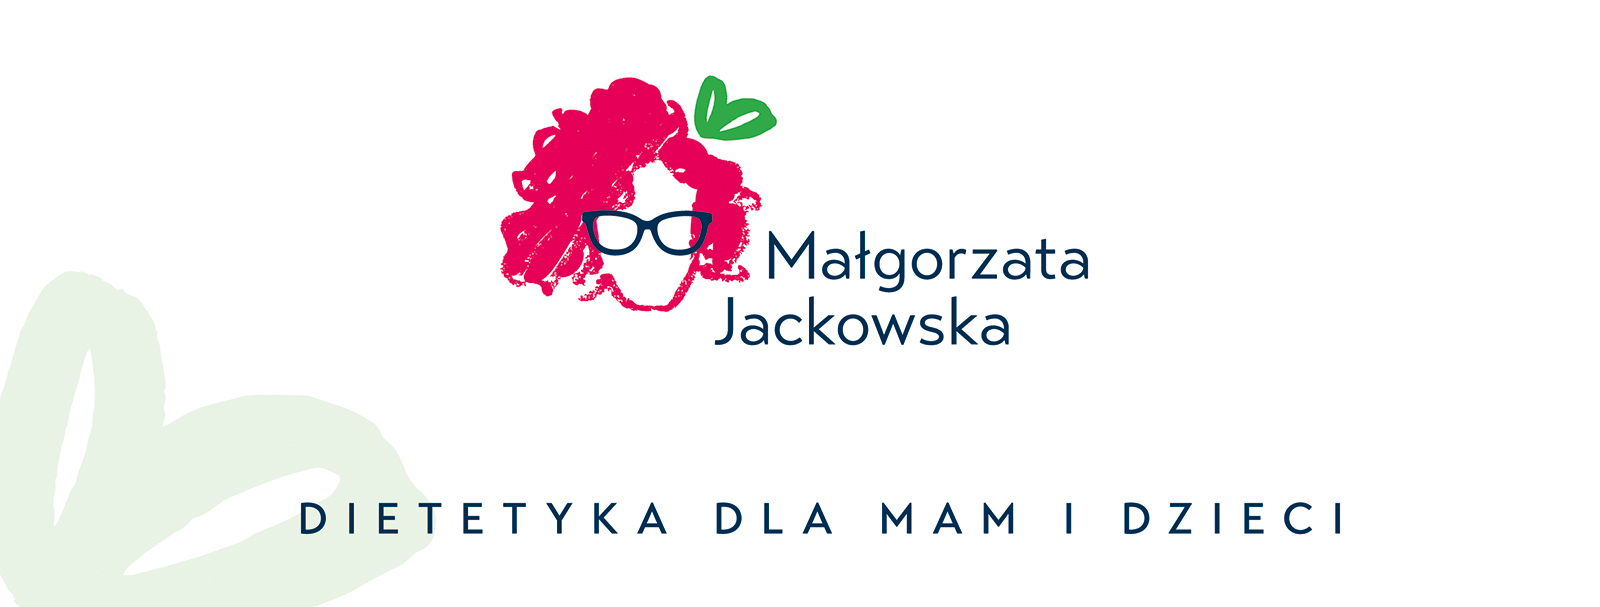 Małgorzata Jackowska o diecie mamy i dziecka blw rozszerzaniu diety karmieniu piersią rodzicielstwie przepisy kulinarne dla dzieci i rodziny